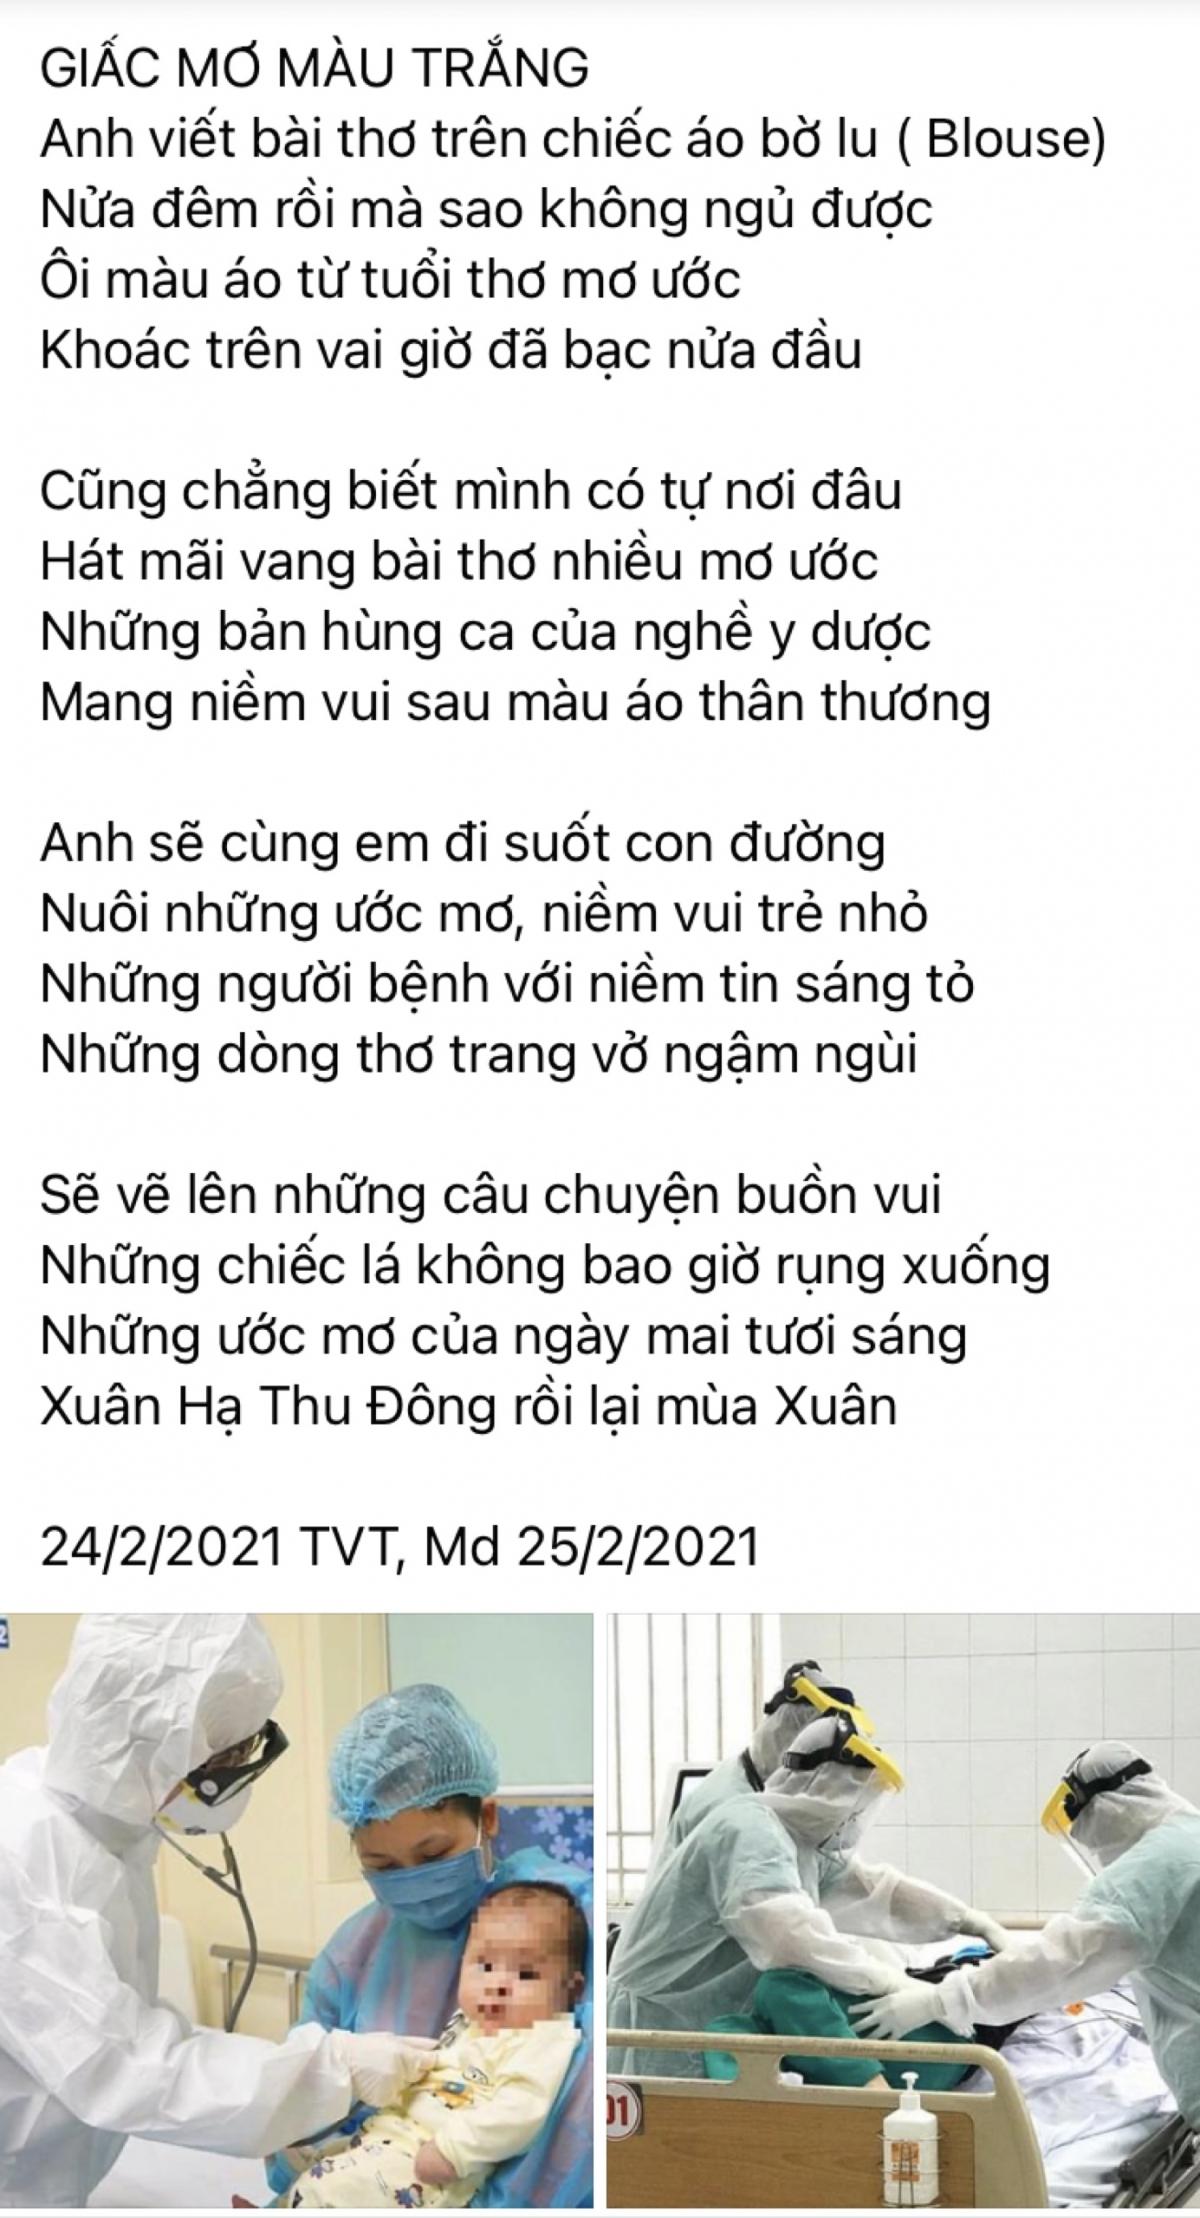 """Bài thơ """"GIẤC MƠ MÀU TRẮNG"""" của Thứ trưởng Trần Văn Thuấn gửi các thầy, cô và những người đồng nghiệp của mình."""